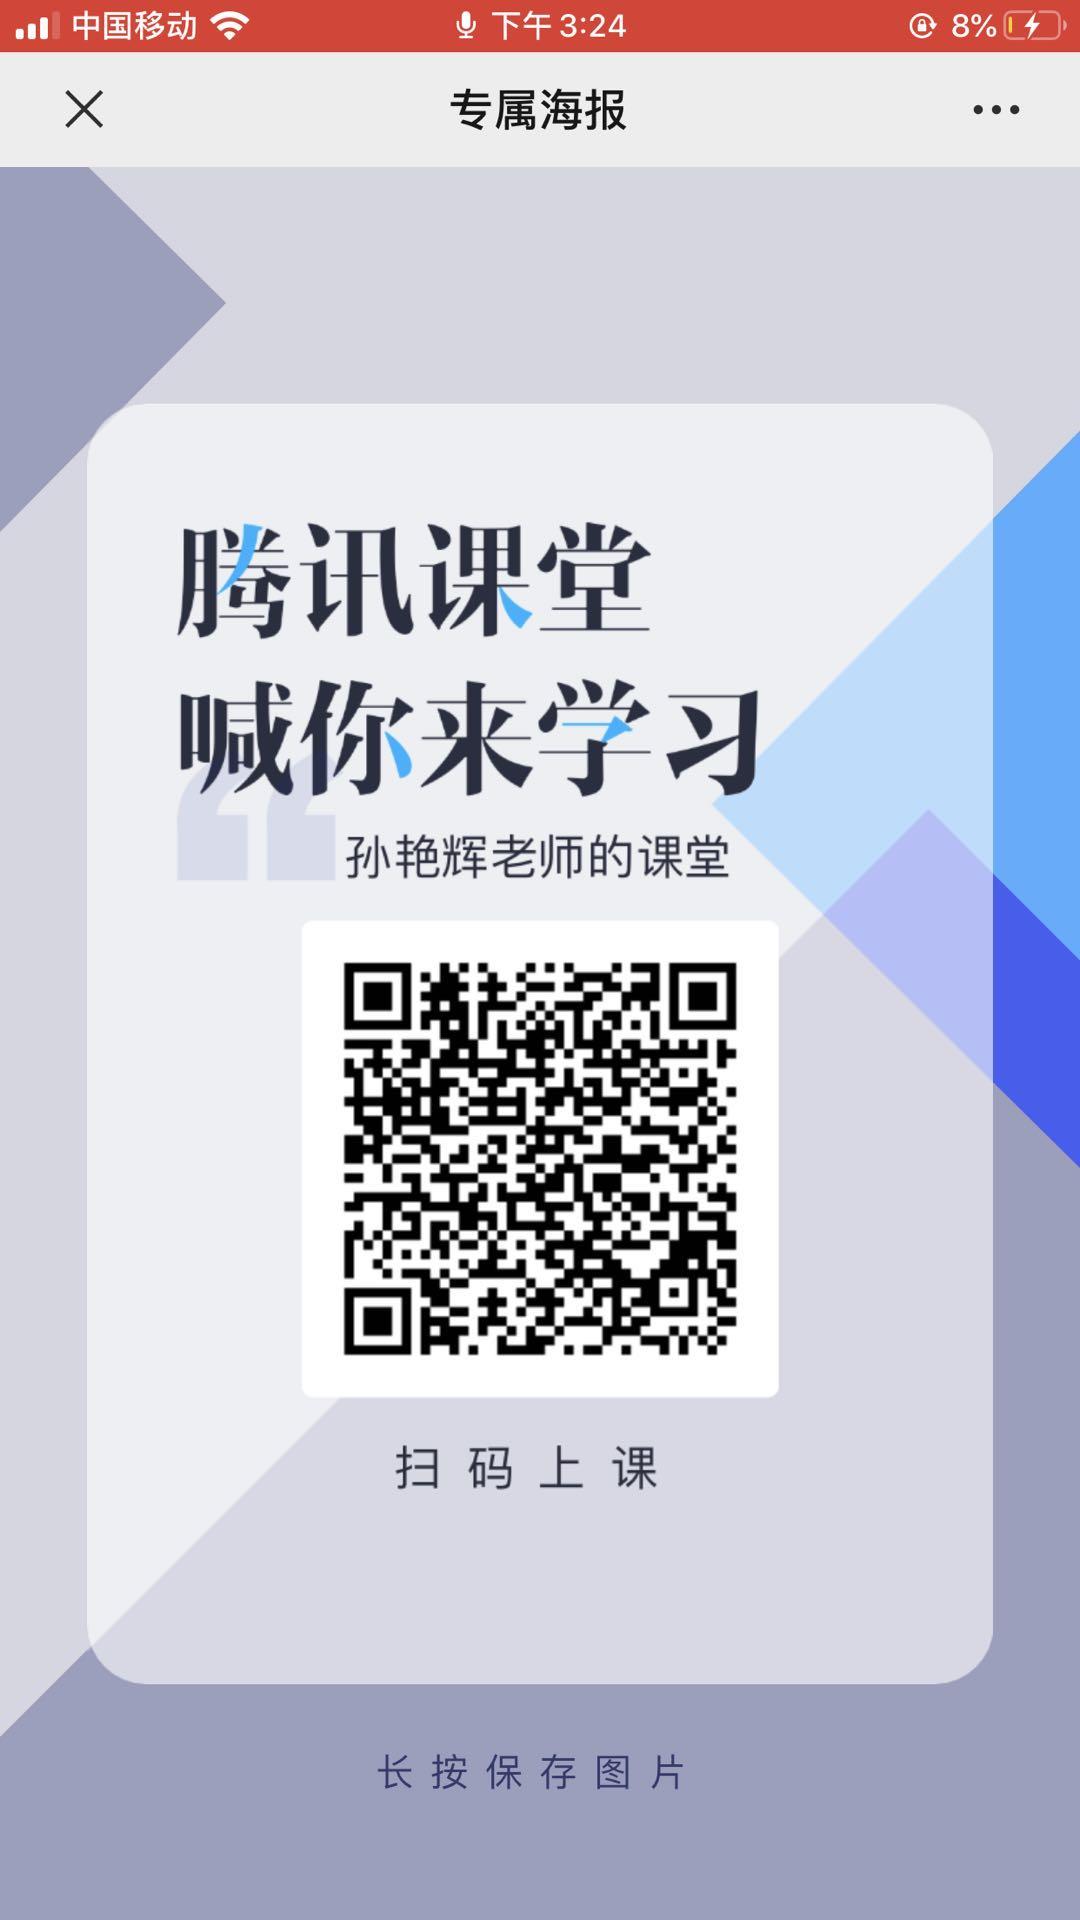 孙艳辉老师的腾讯直播课堂